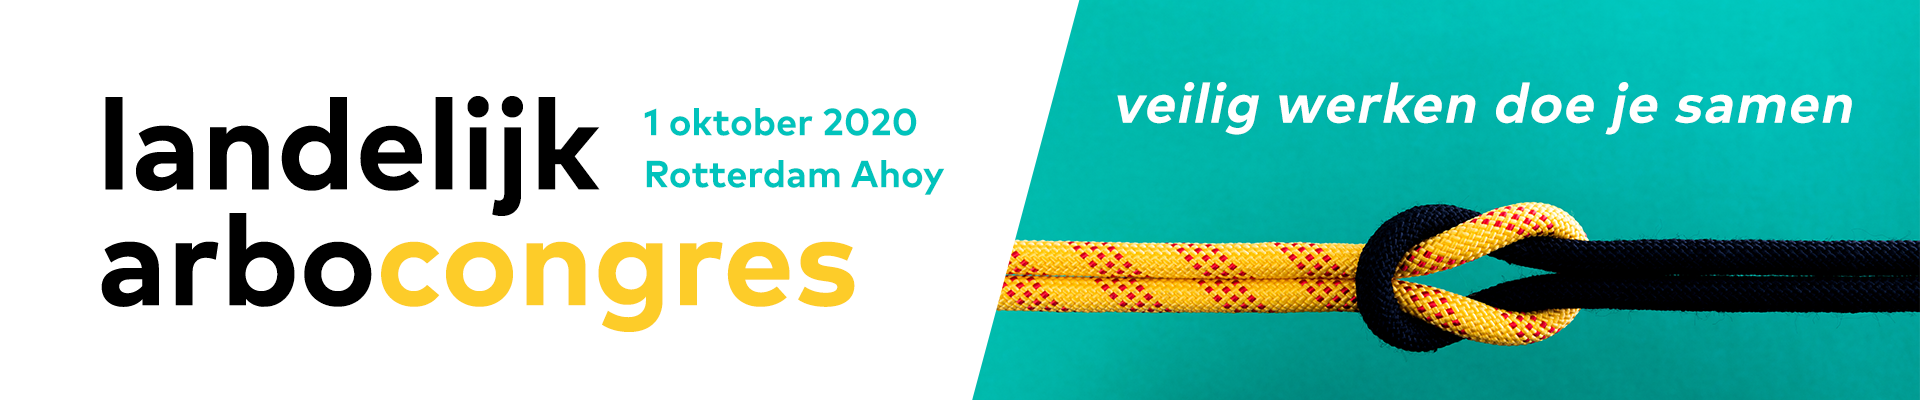 Landelijk Arbo Congres 2020